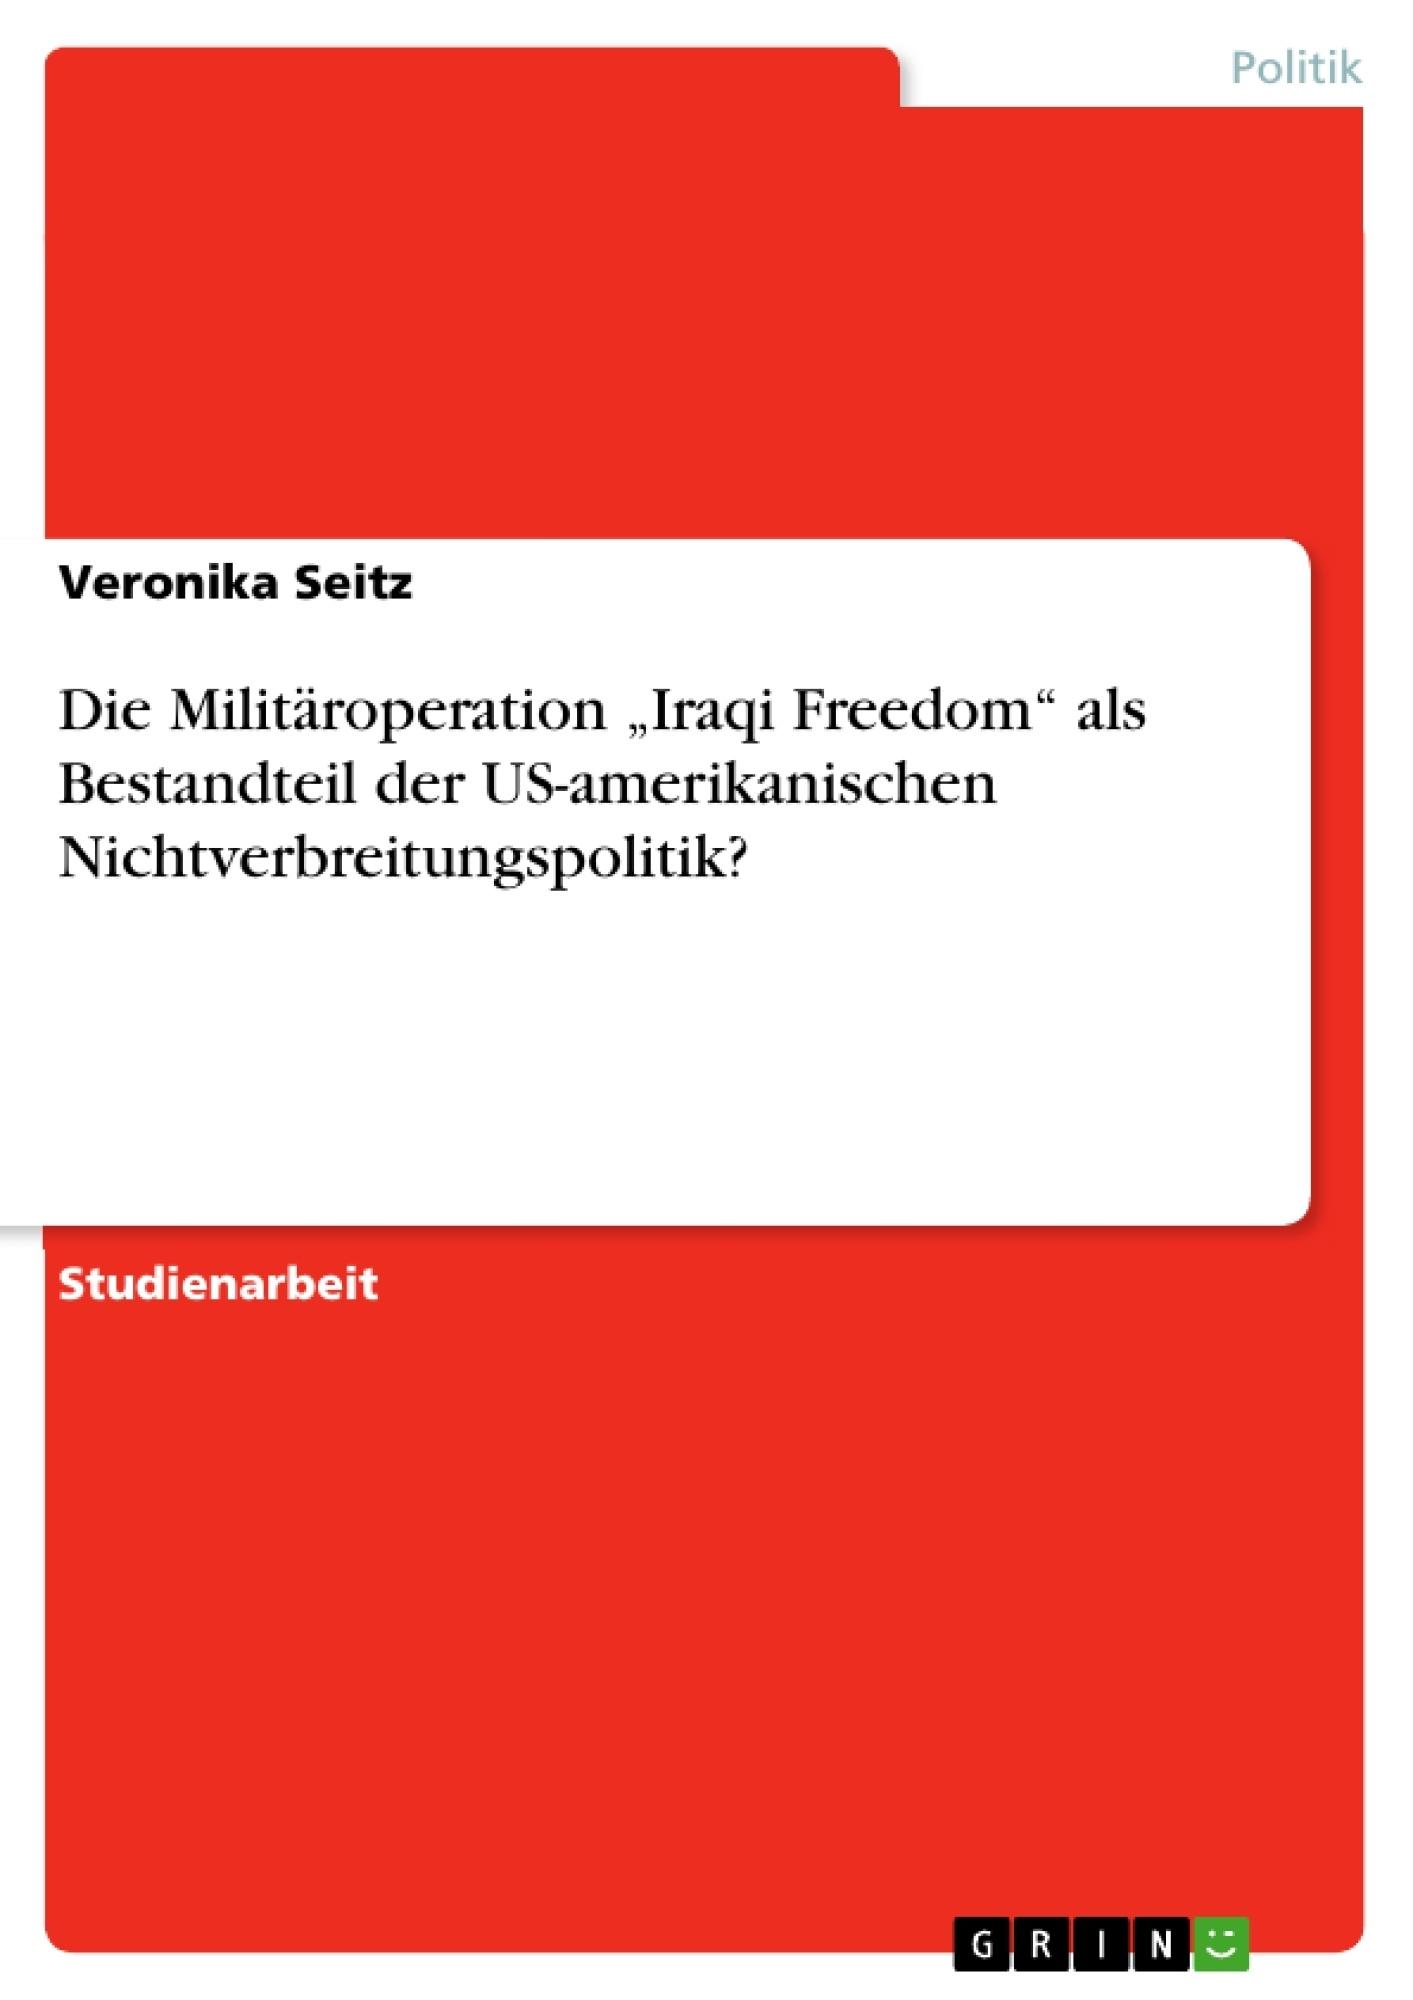 """Titel: Die Militäroperation """"Iraqi Freedom"""" als Bestandteil der US-amerikanischen Nichtverbreitungspolitik?"""